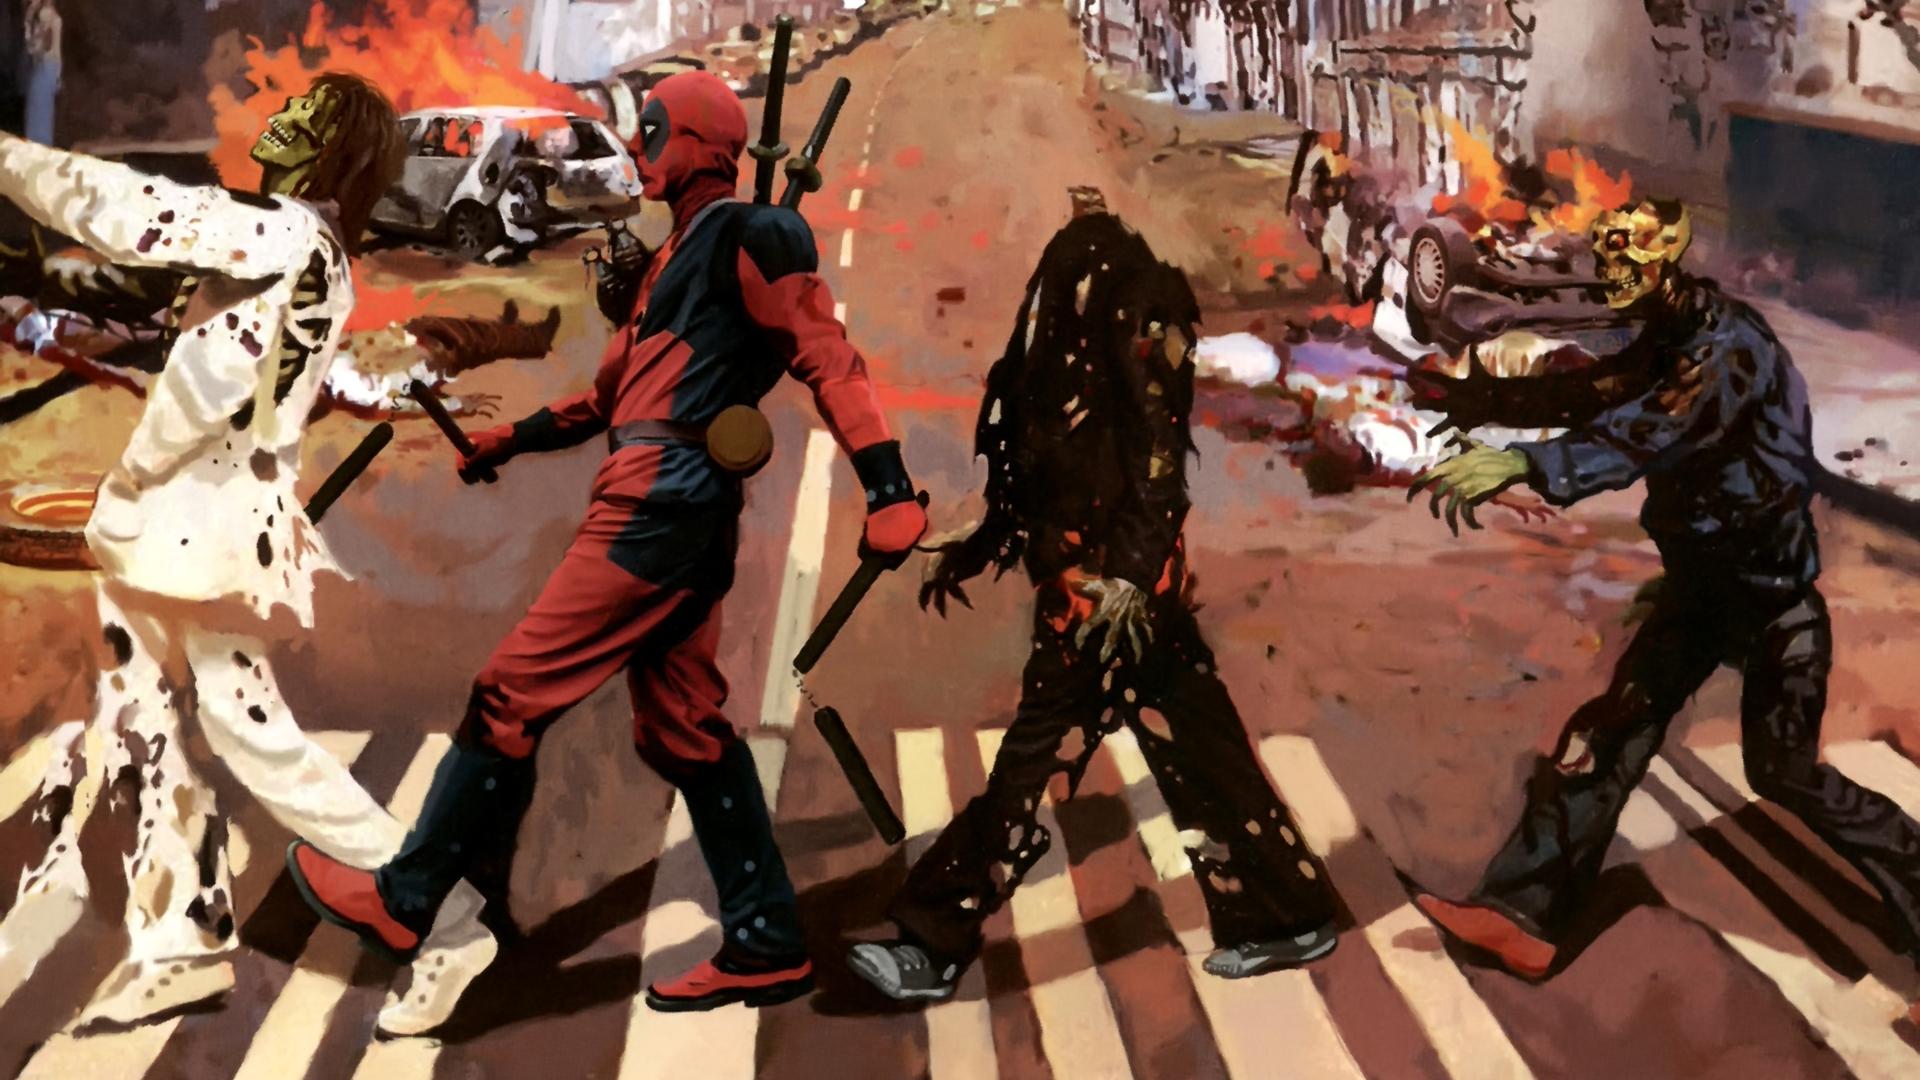 Wallpaper 1920x1080 Px Abbey Beatles Dark Deadpool Marvel